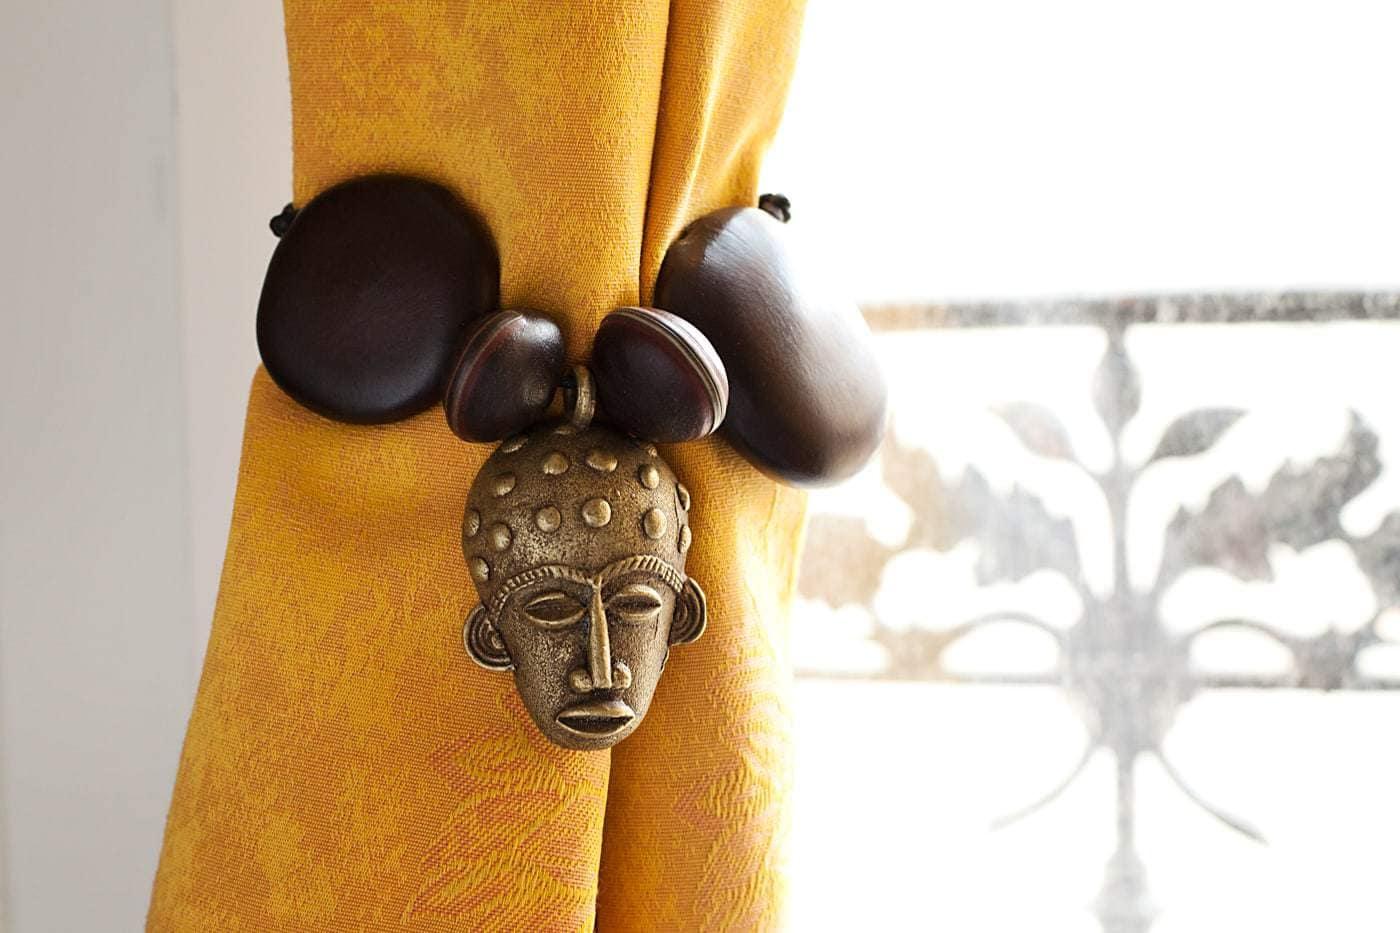 embrasse de rideaux africains avec t te sculpt e akan africouleur. Black Bedroom Furniture Sets. Home Design Ideas